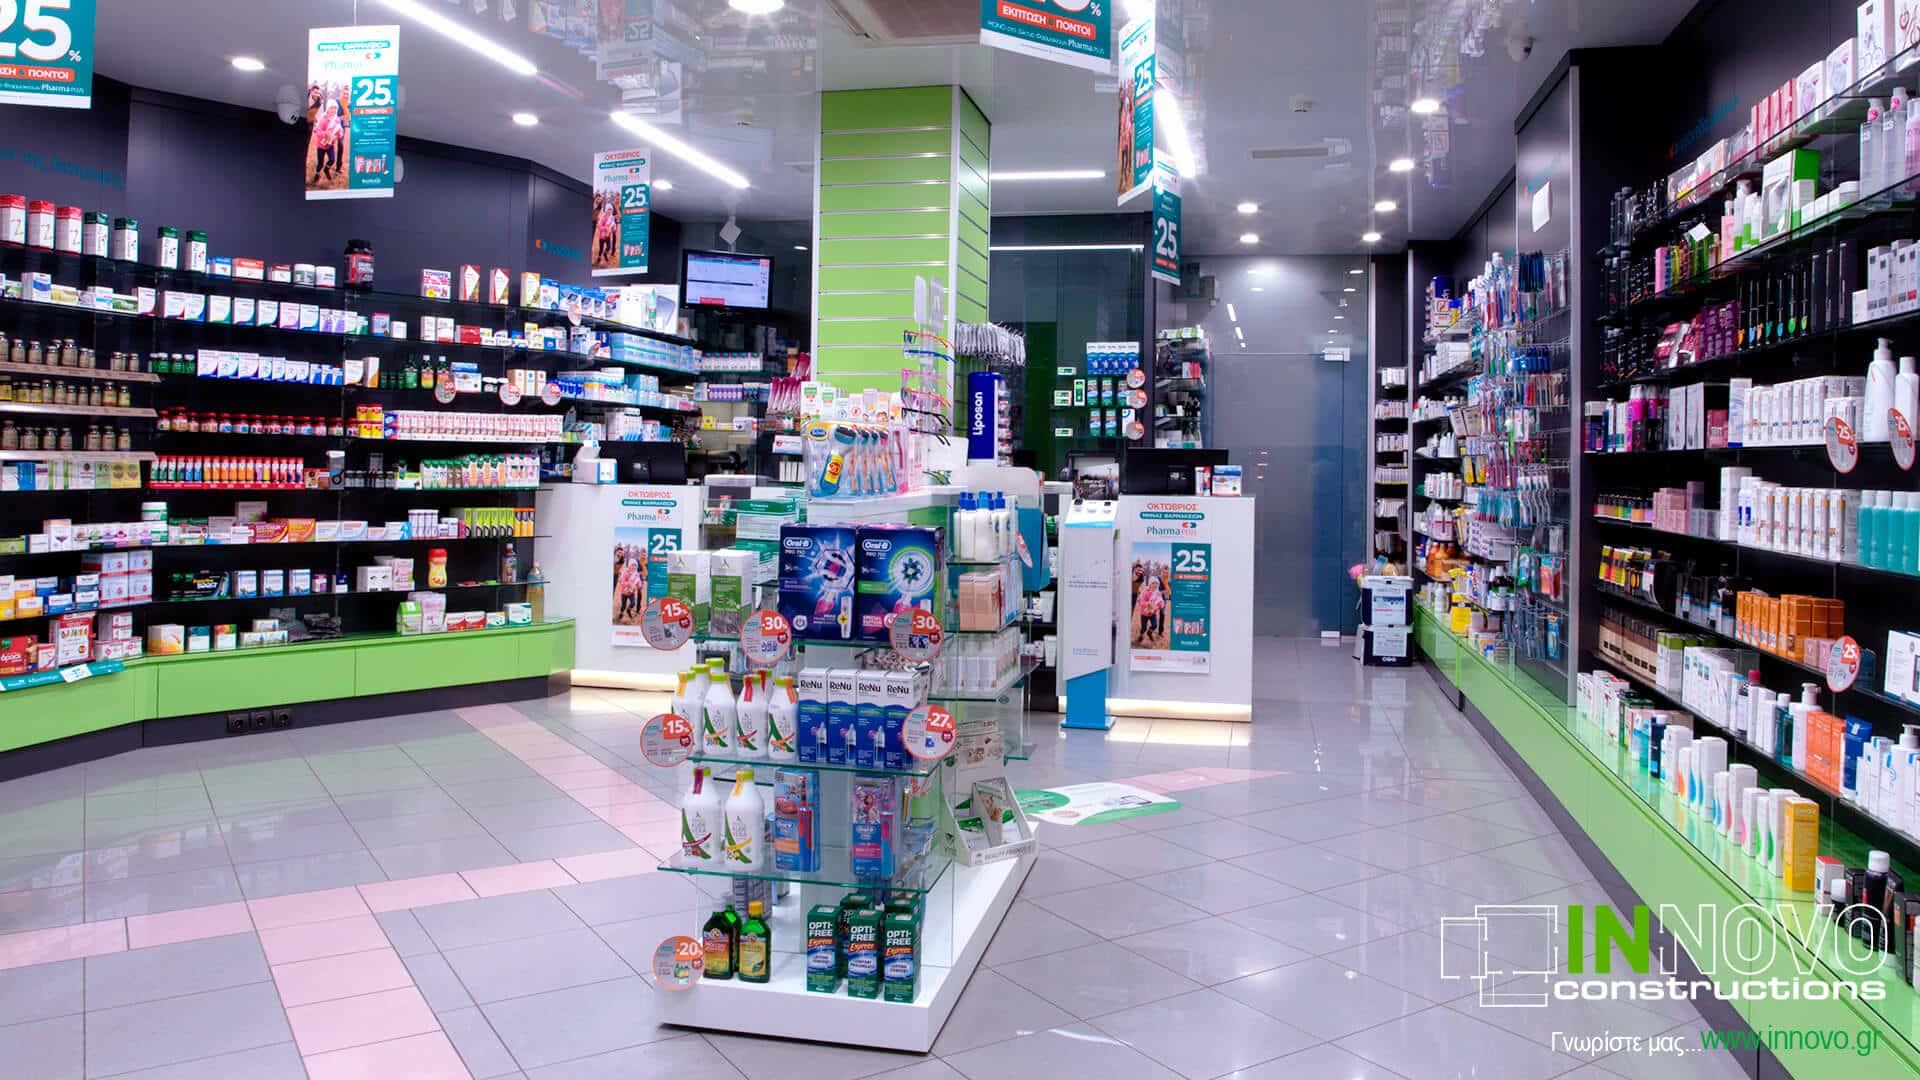 Κατασκευή Φαρμακείου στην Καλλιθέα - Δημοσθένους από την Innovo